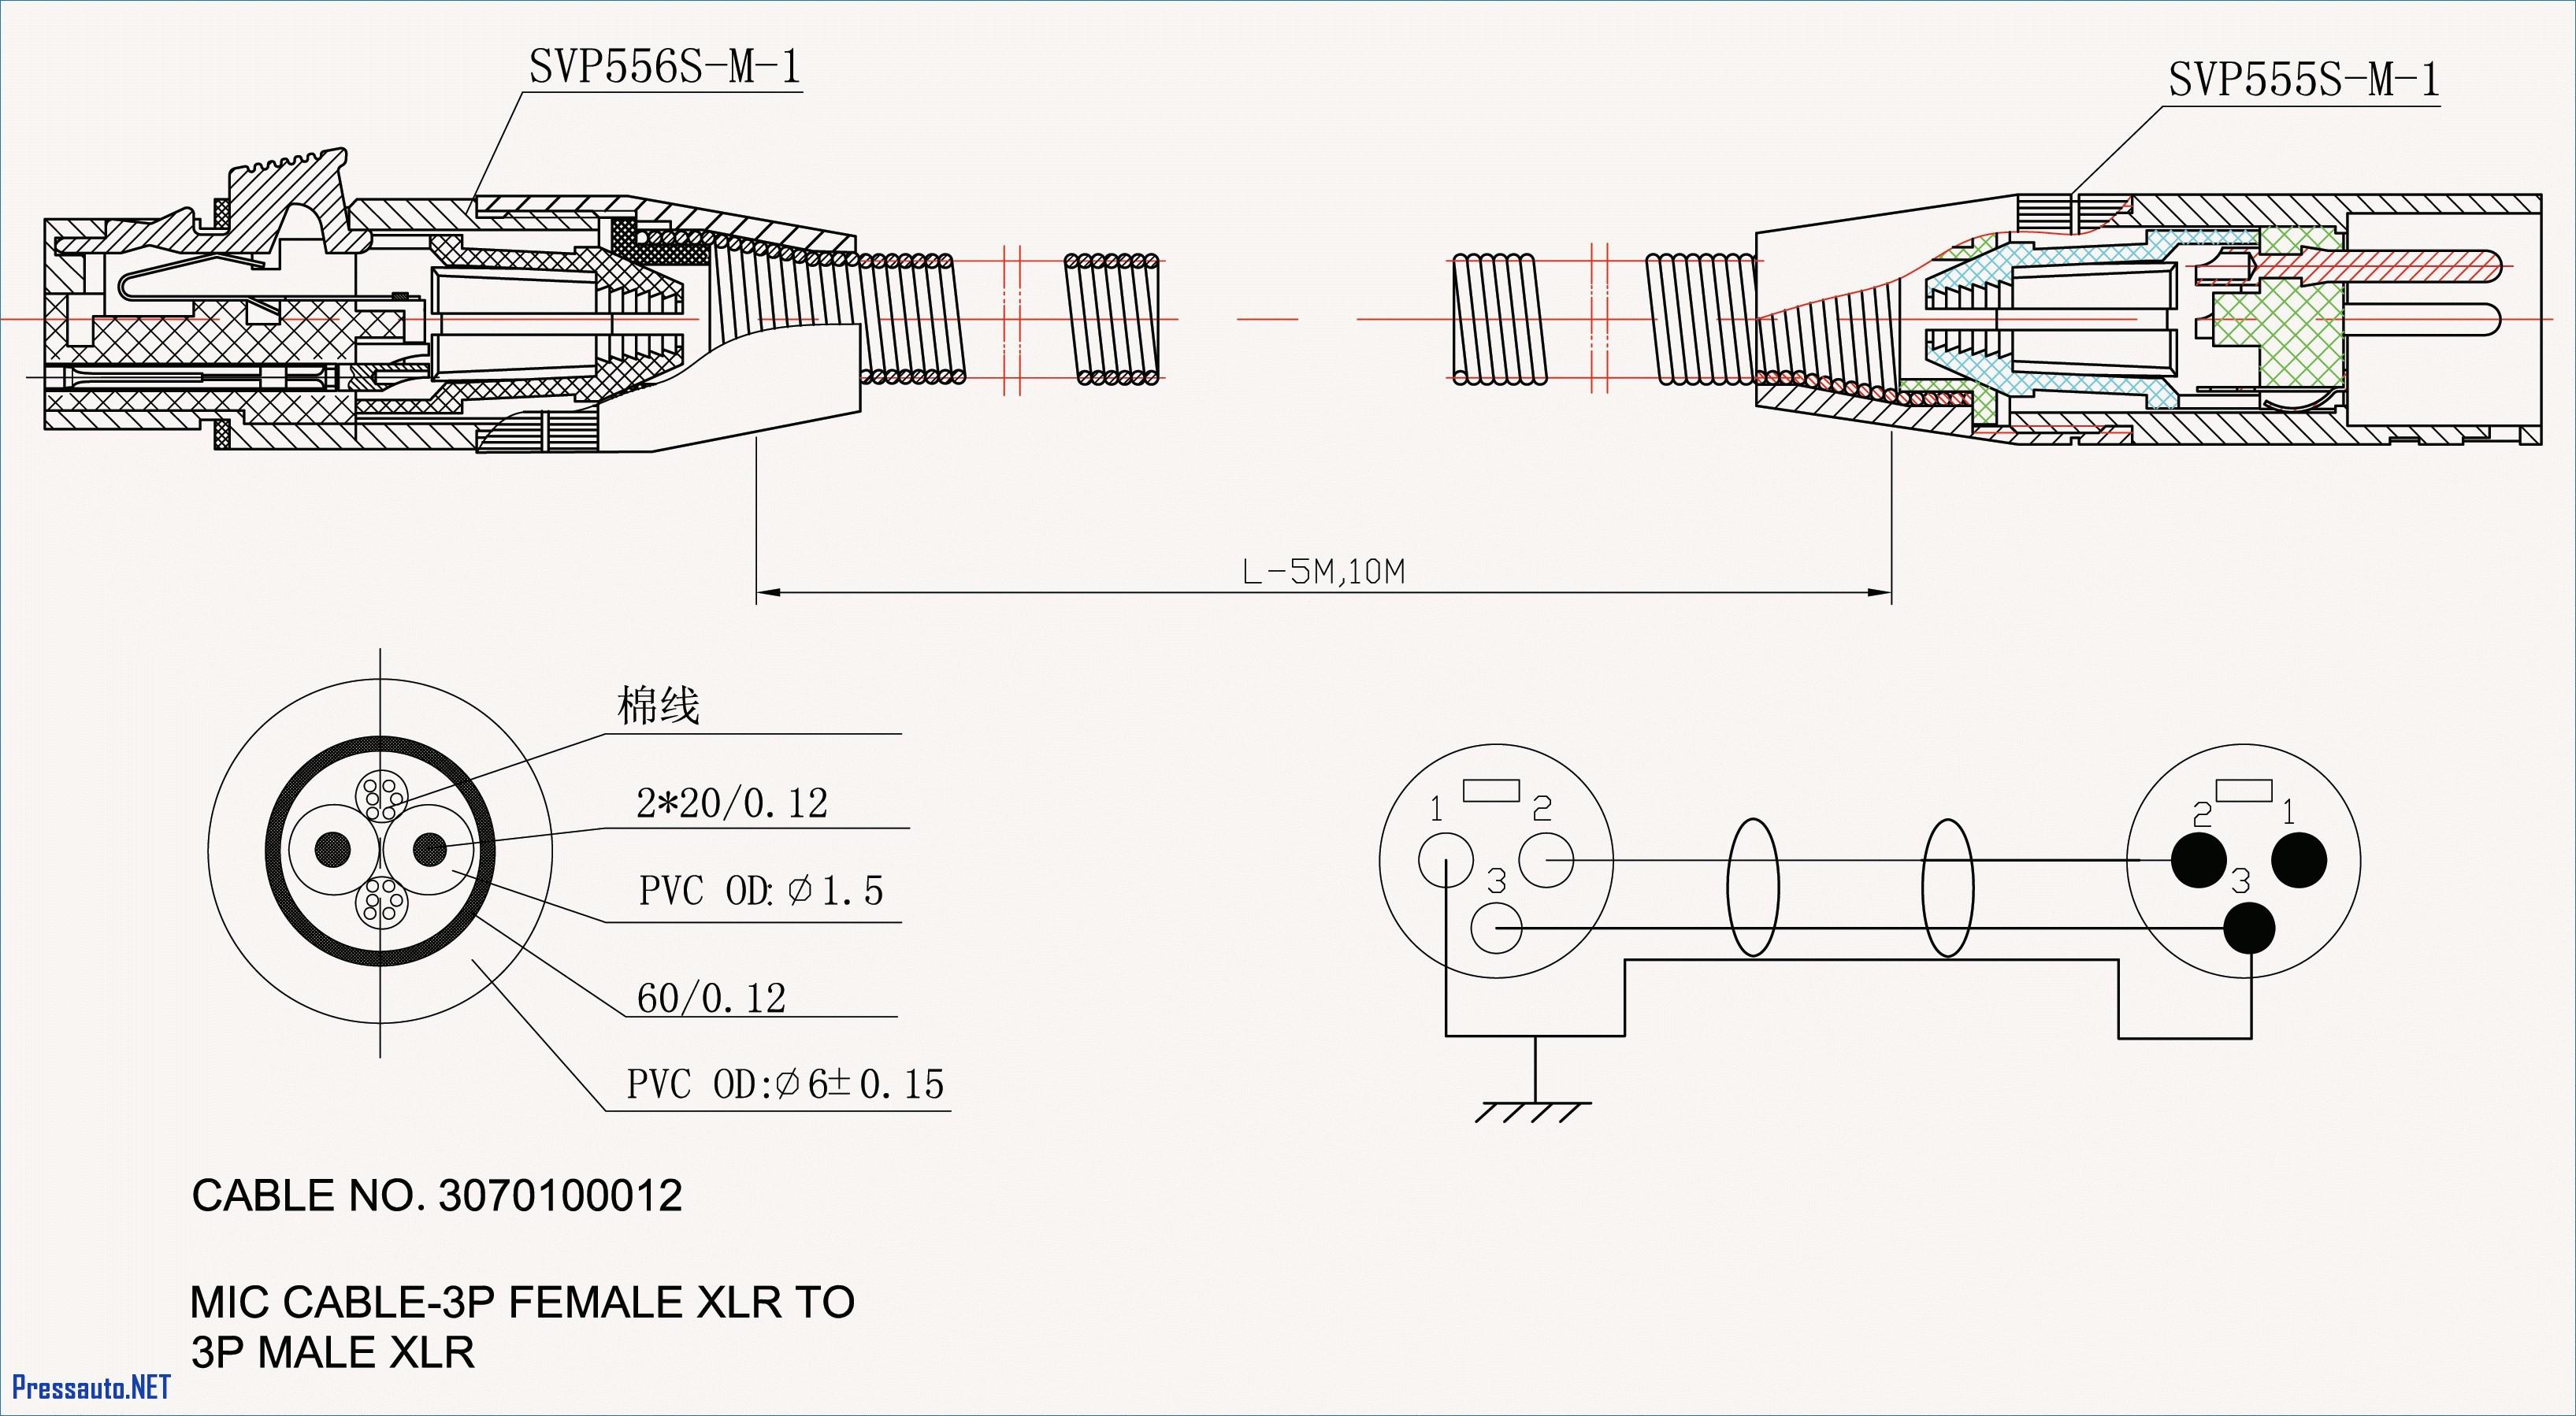 2005 Saturn Ion Engine Diagram Saturn Wiring Diagram Lw2000 Wiring Diagram toolbox Of 2005 Saturn Ion Engine Diagram